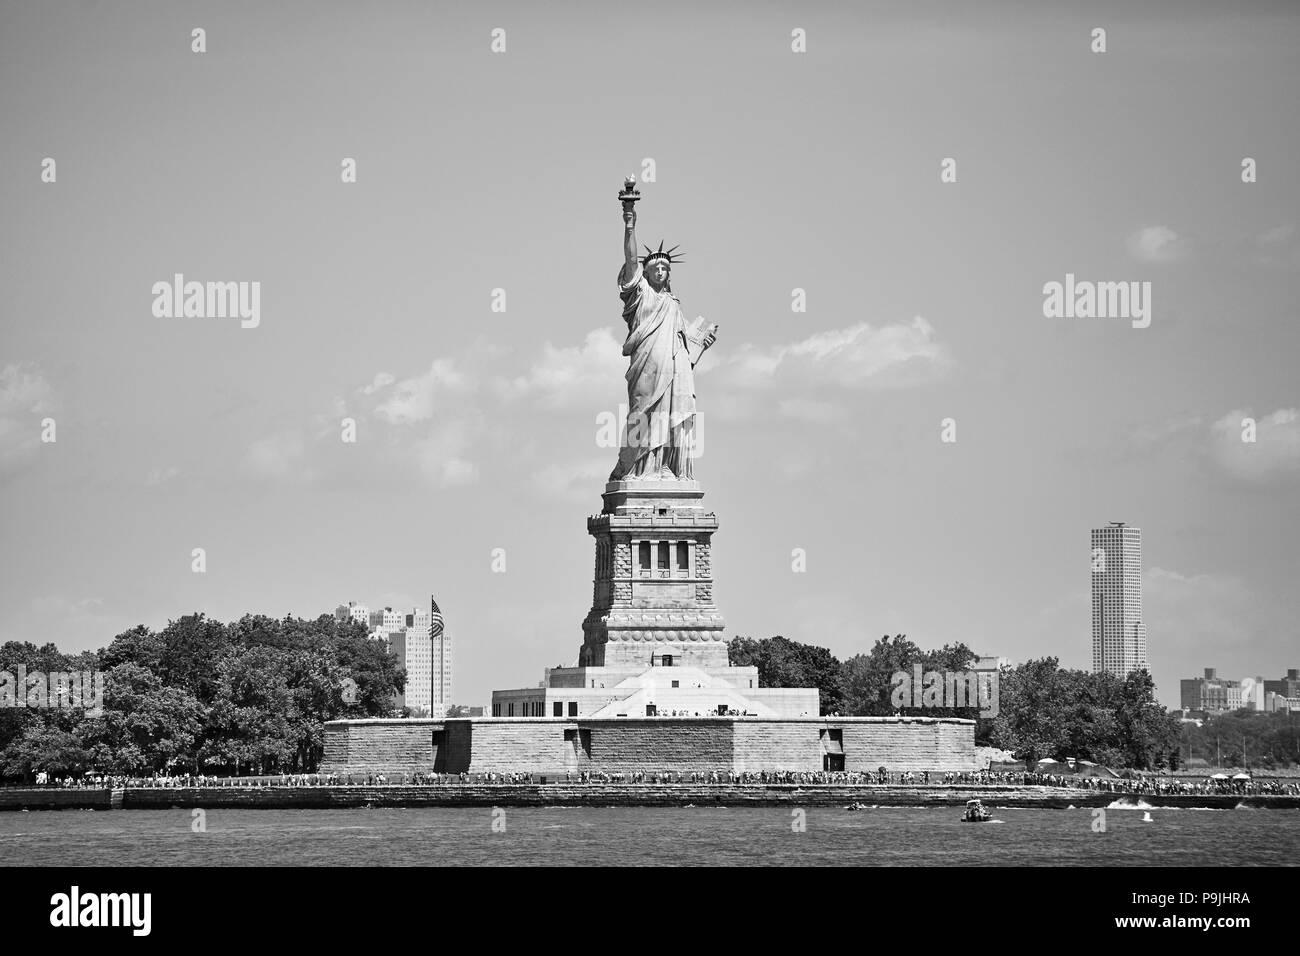 Photo noir et blanc de la Statue de la liberté, New York, USA. Photo Stock